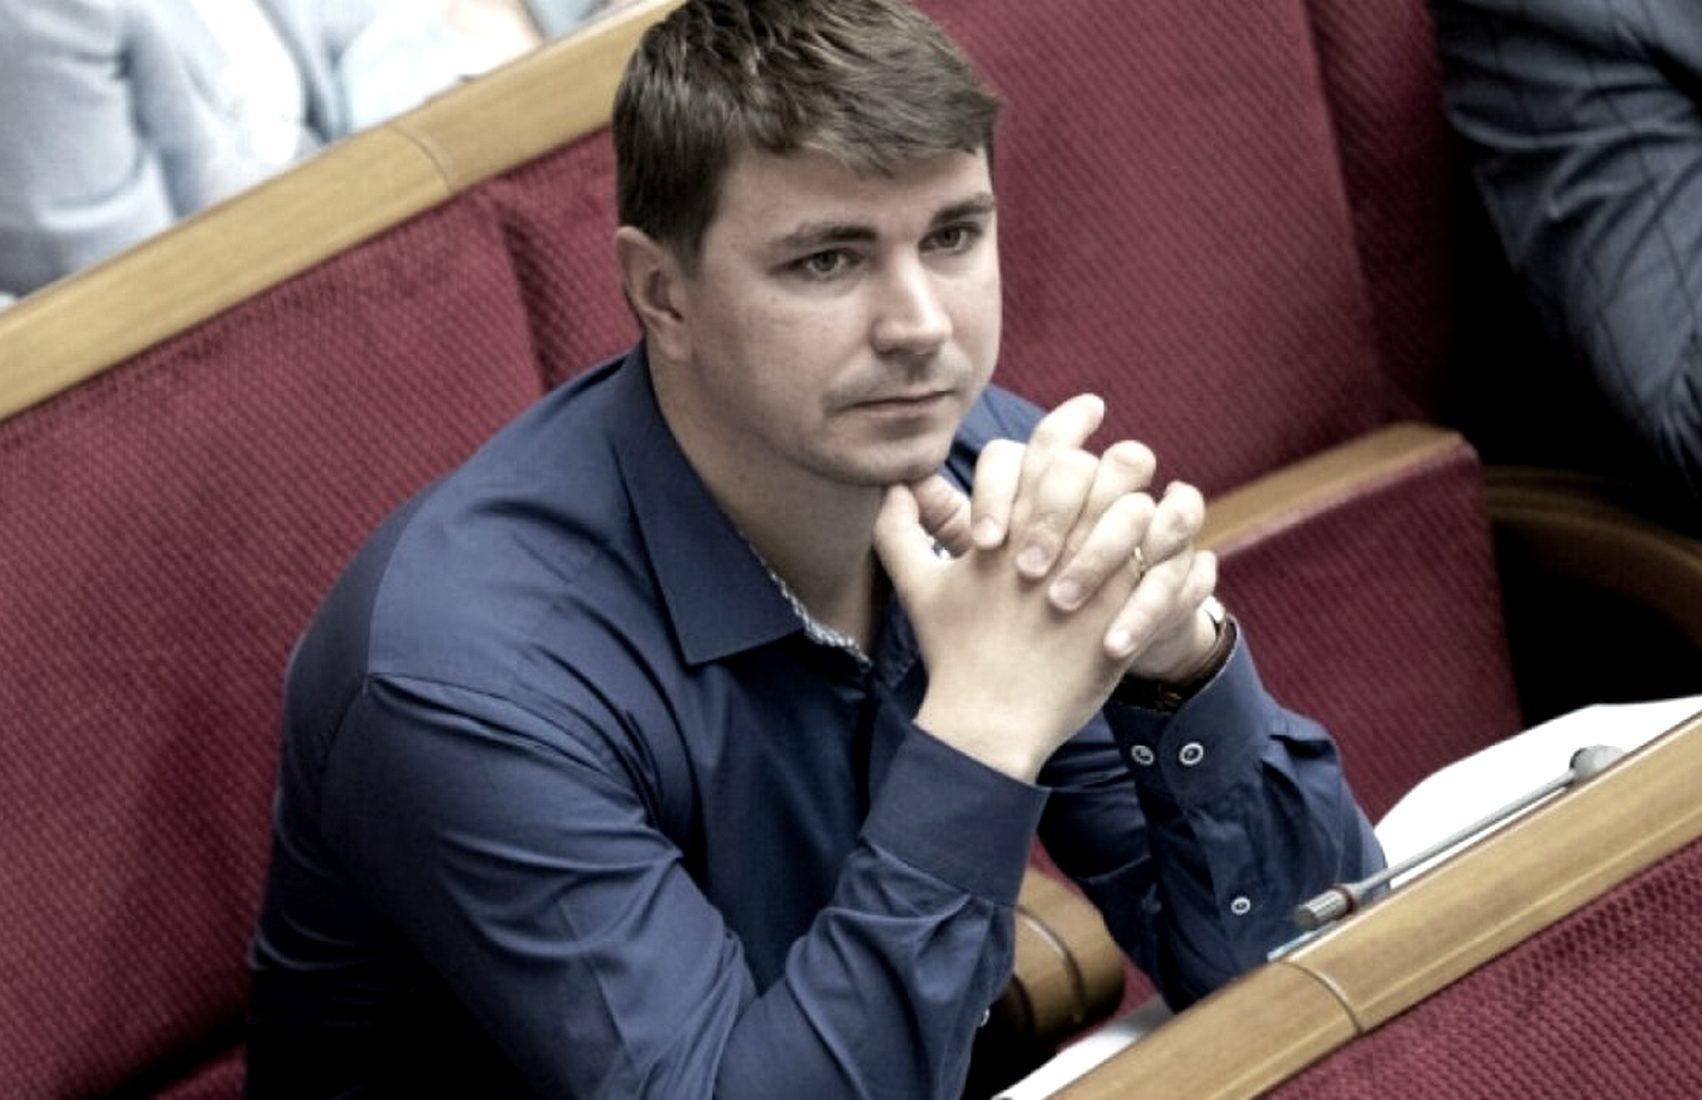 «Слуга народа» сообщила, что в крови Полякова обнаружили метадон